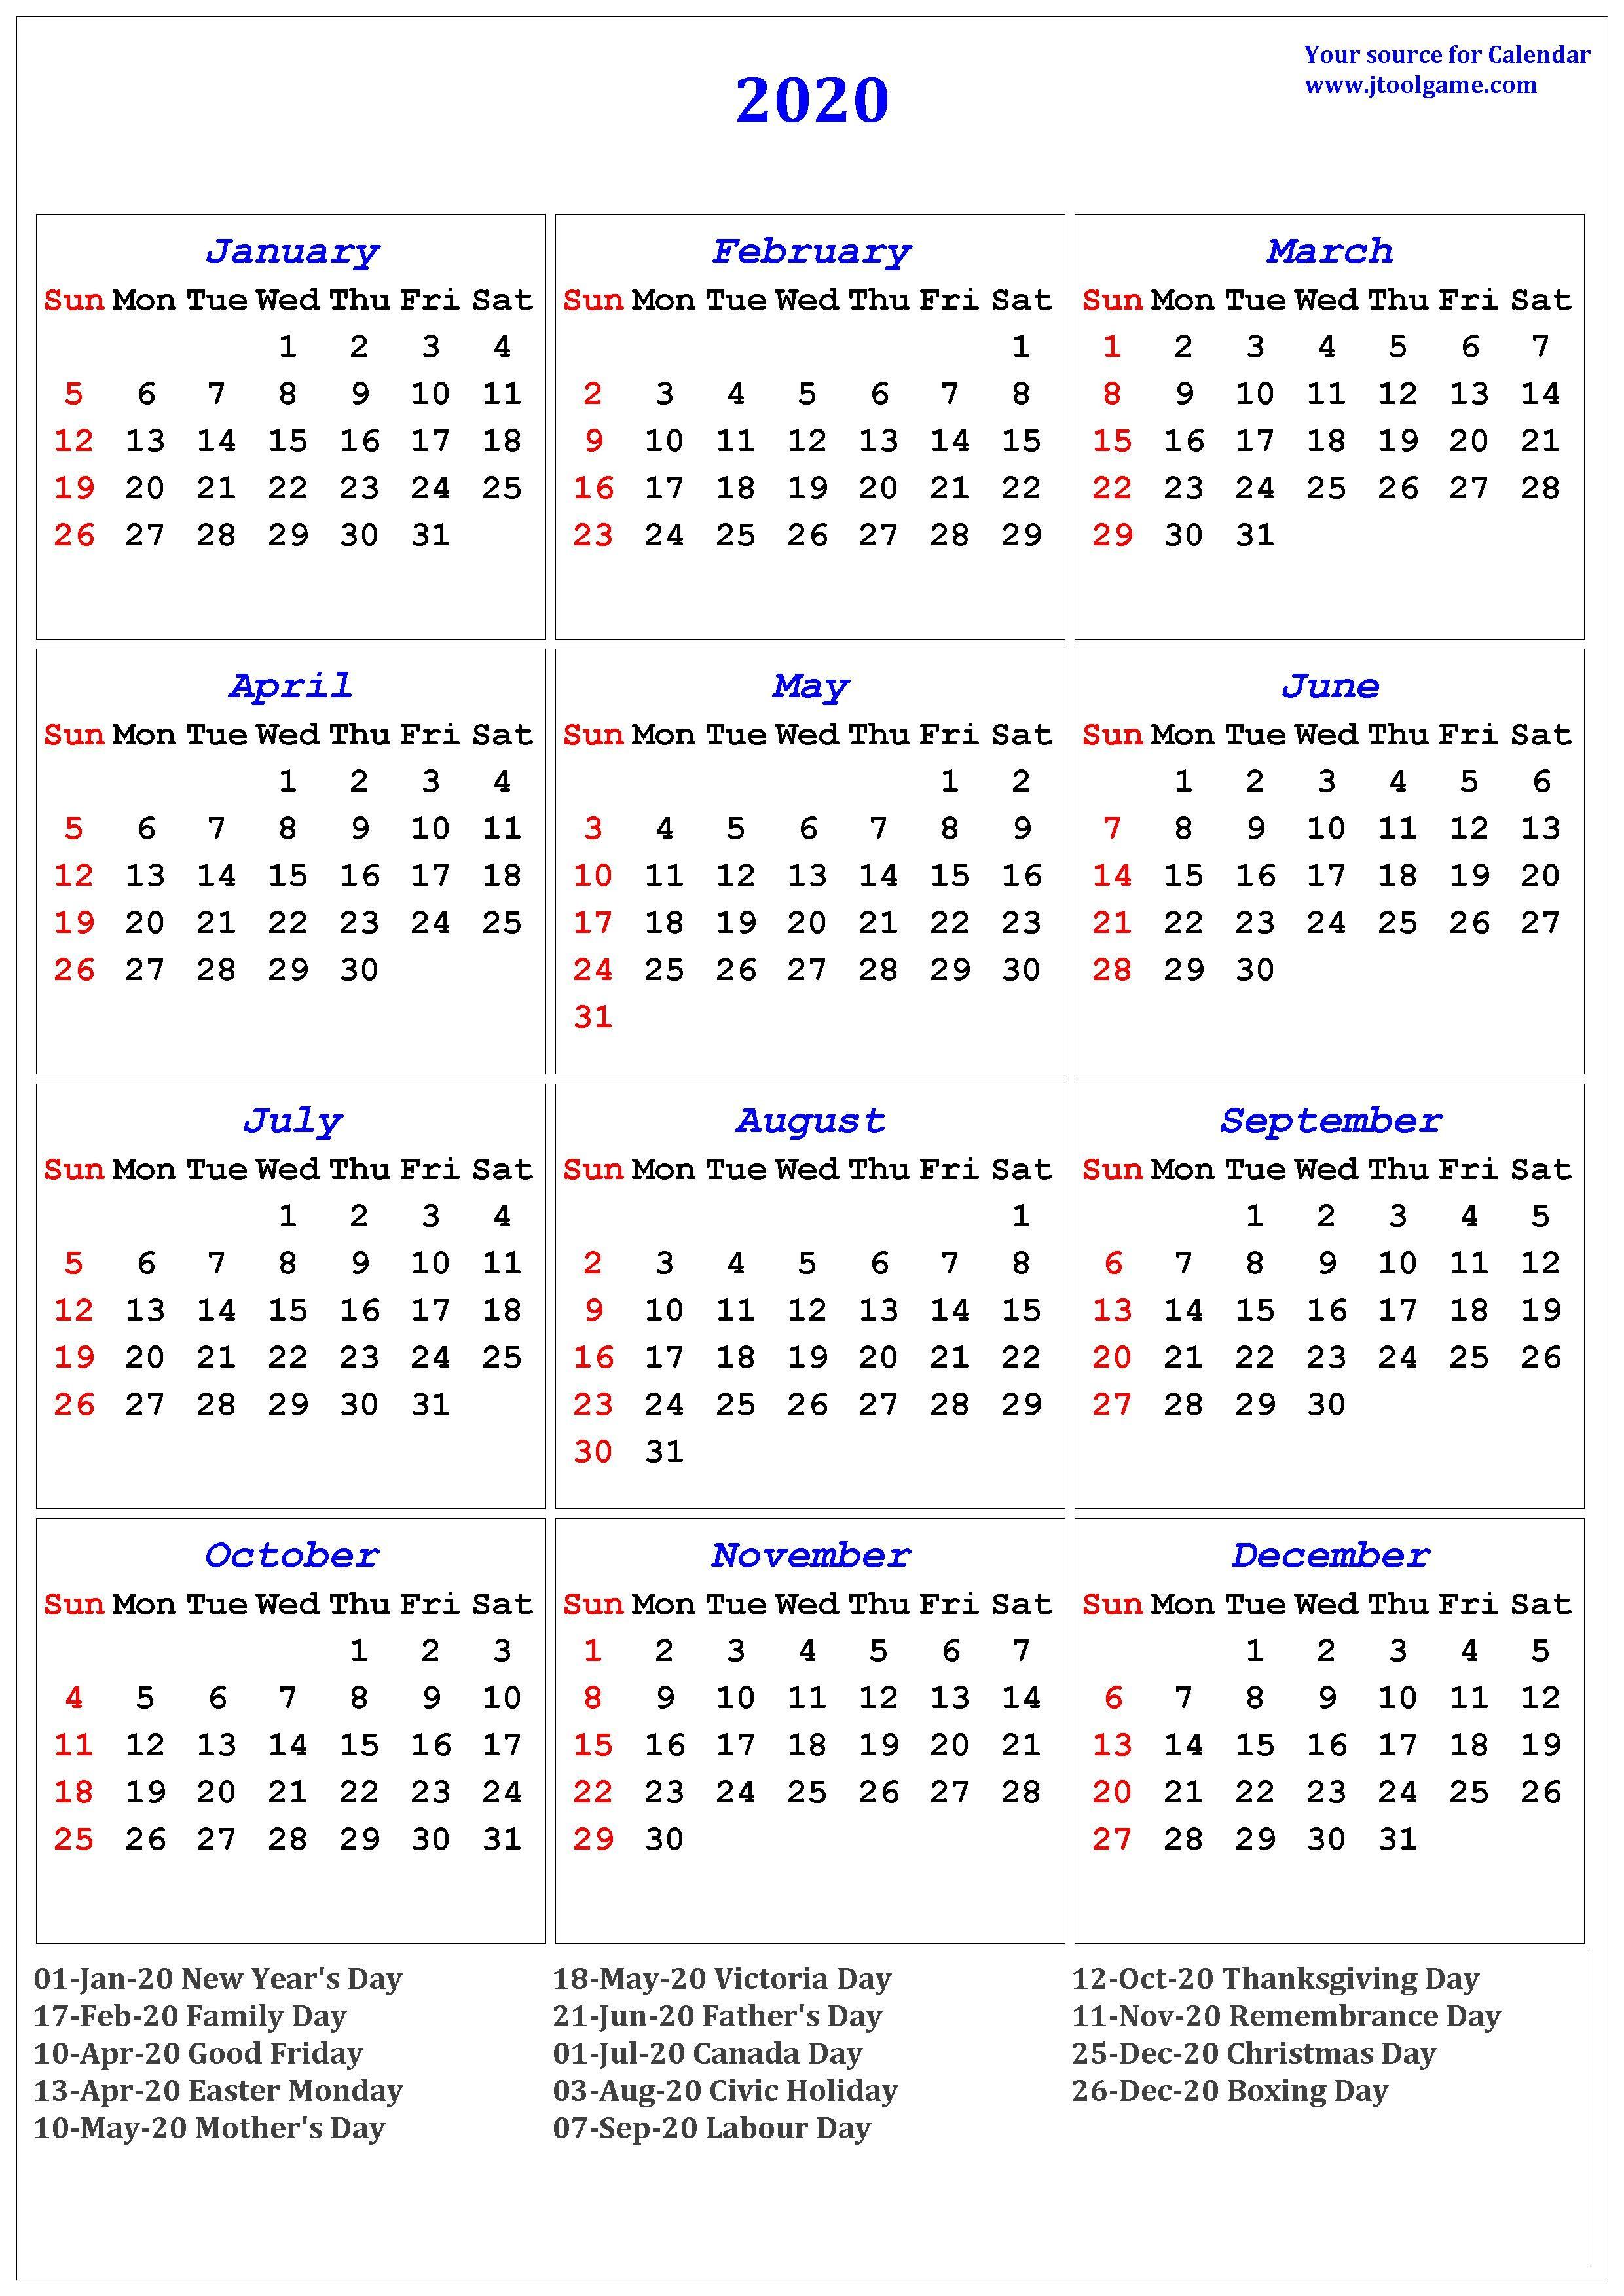 Calendar 2020 Canada Printable 2020 Calendar Printable Calendar 2020 Calendar In